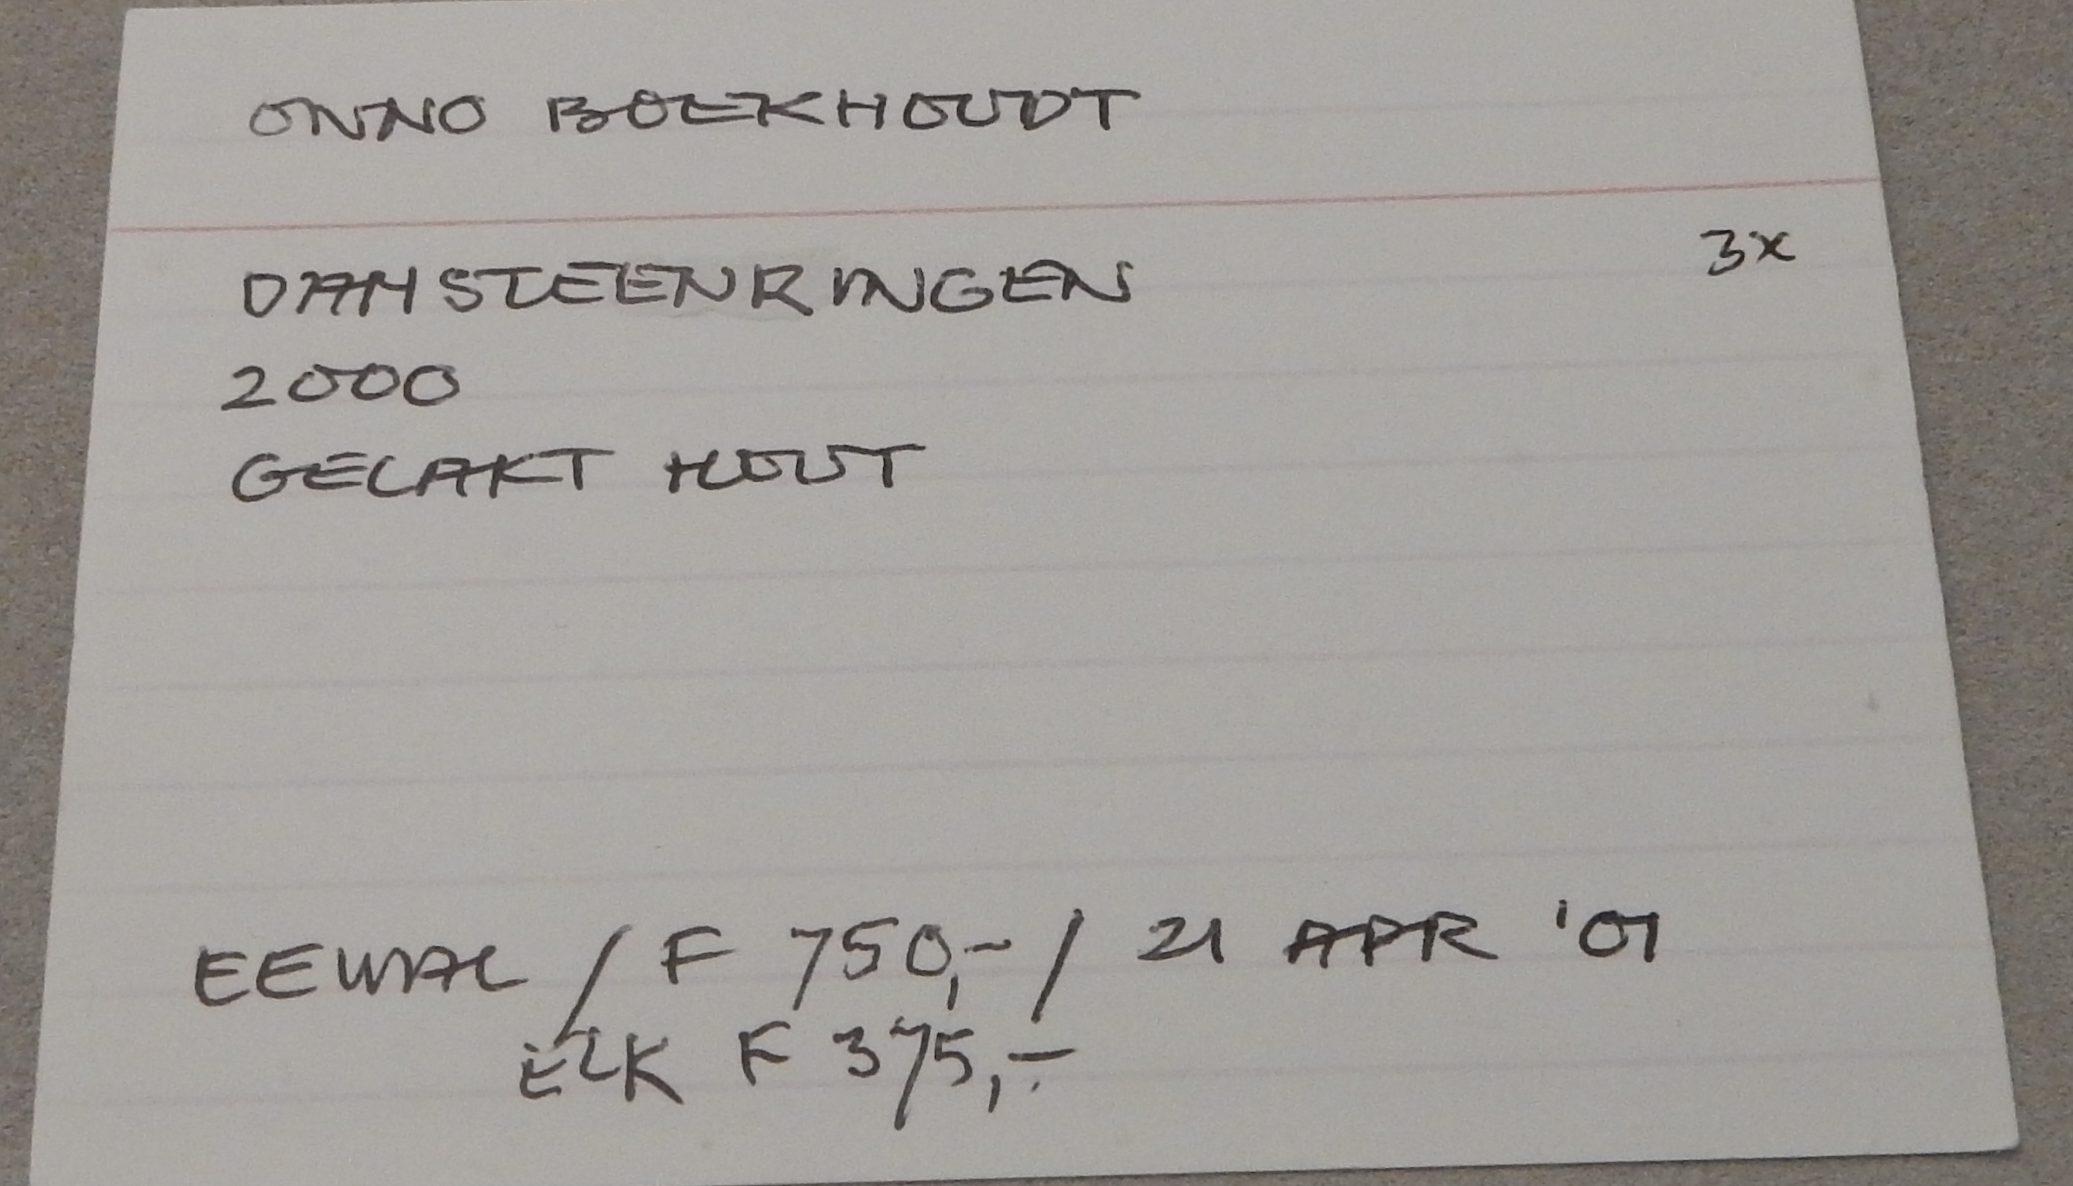 Inventariskaart Jurriaan van den Berg bij Onno Boekhoudt, ringen, 2000. De verzameling van Jurriaan van den Berg in CODA, 2018, papier, handschrift, tentoonstelling, vitrine